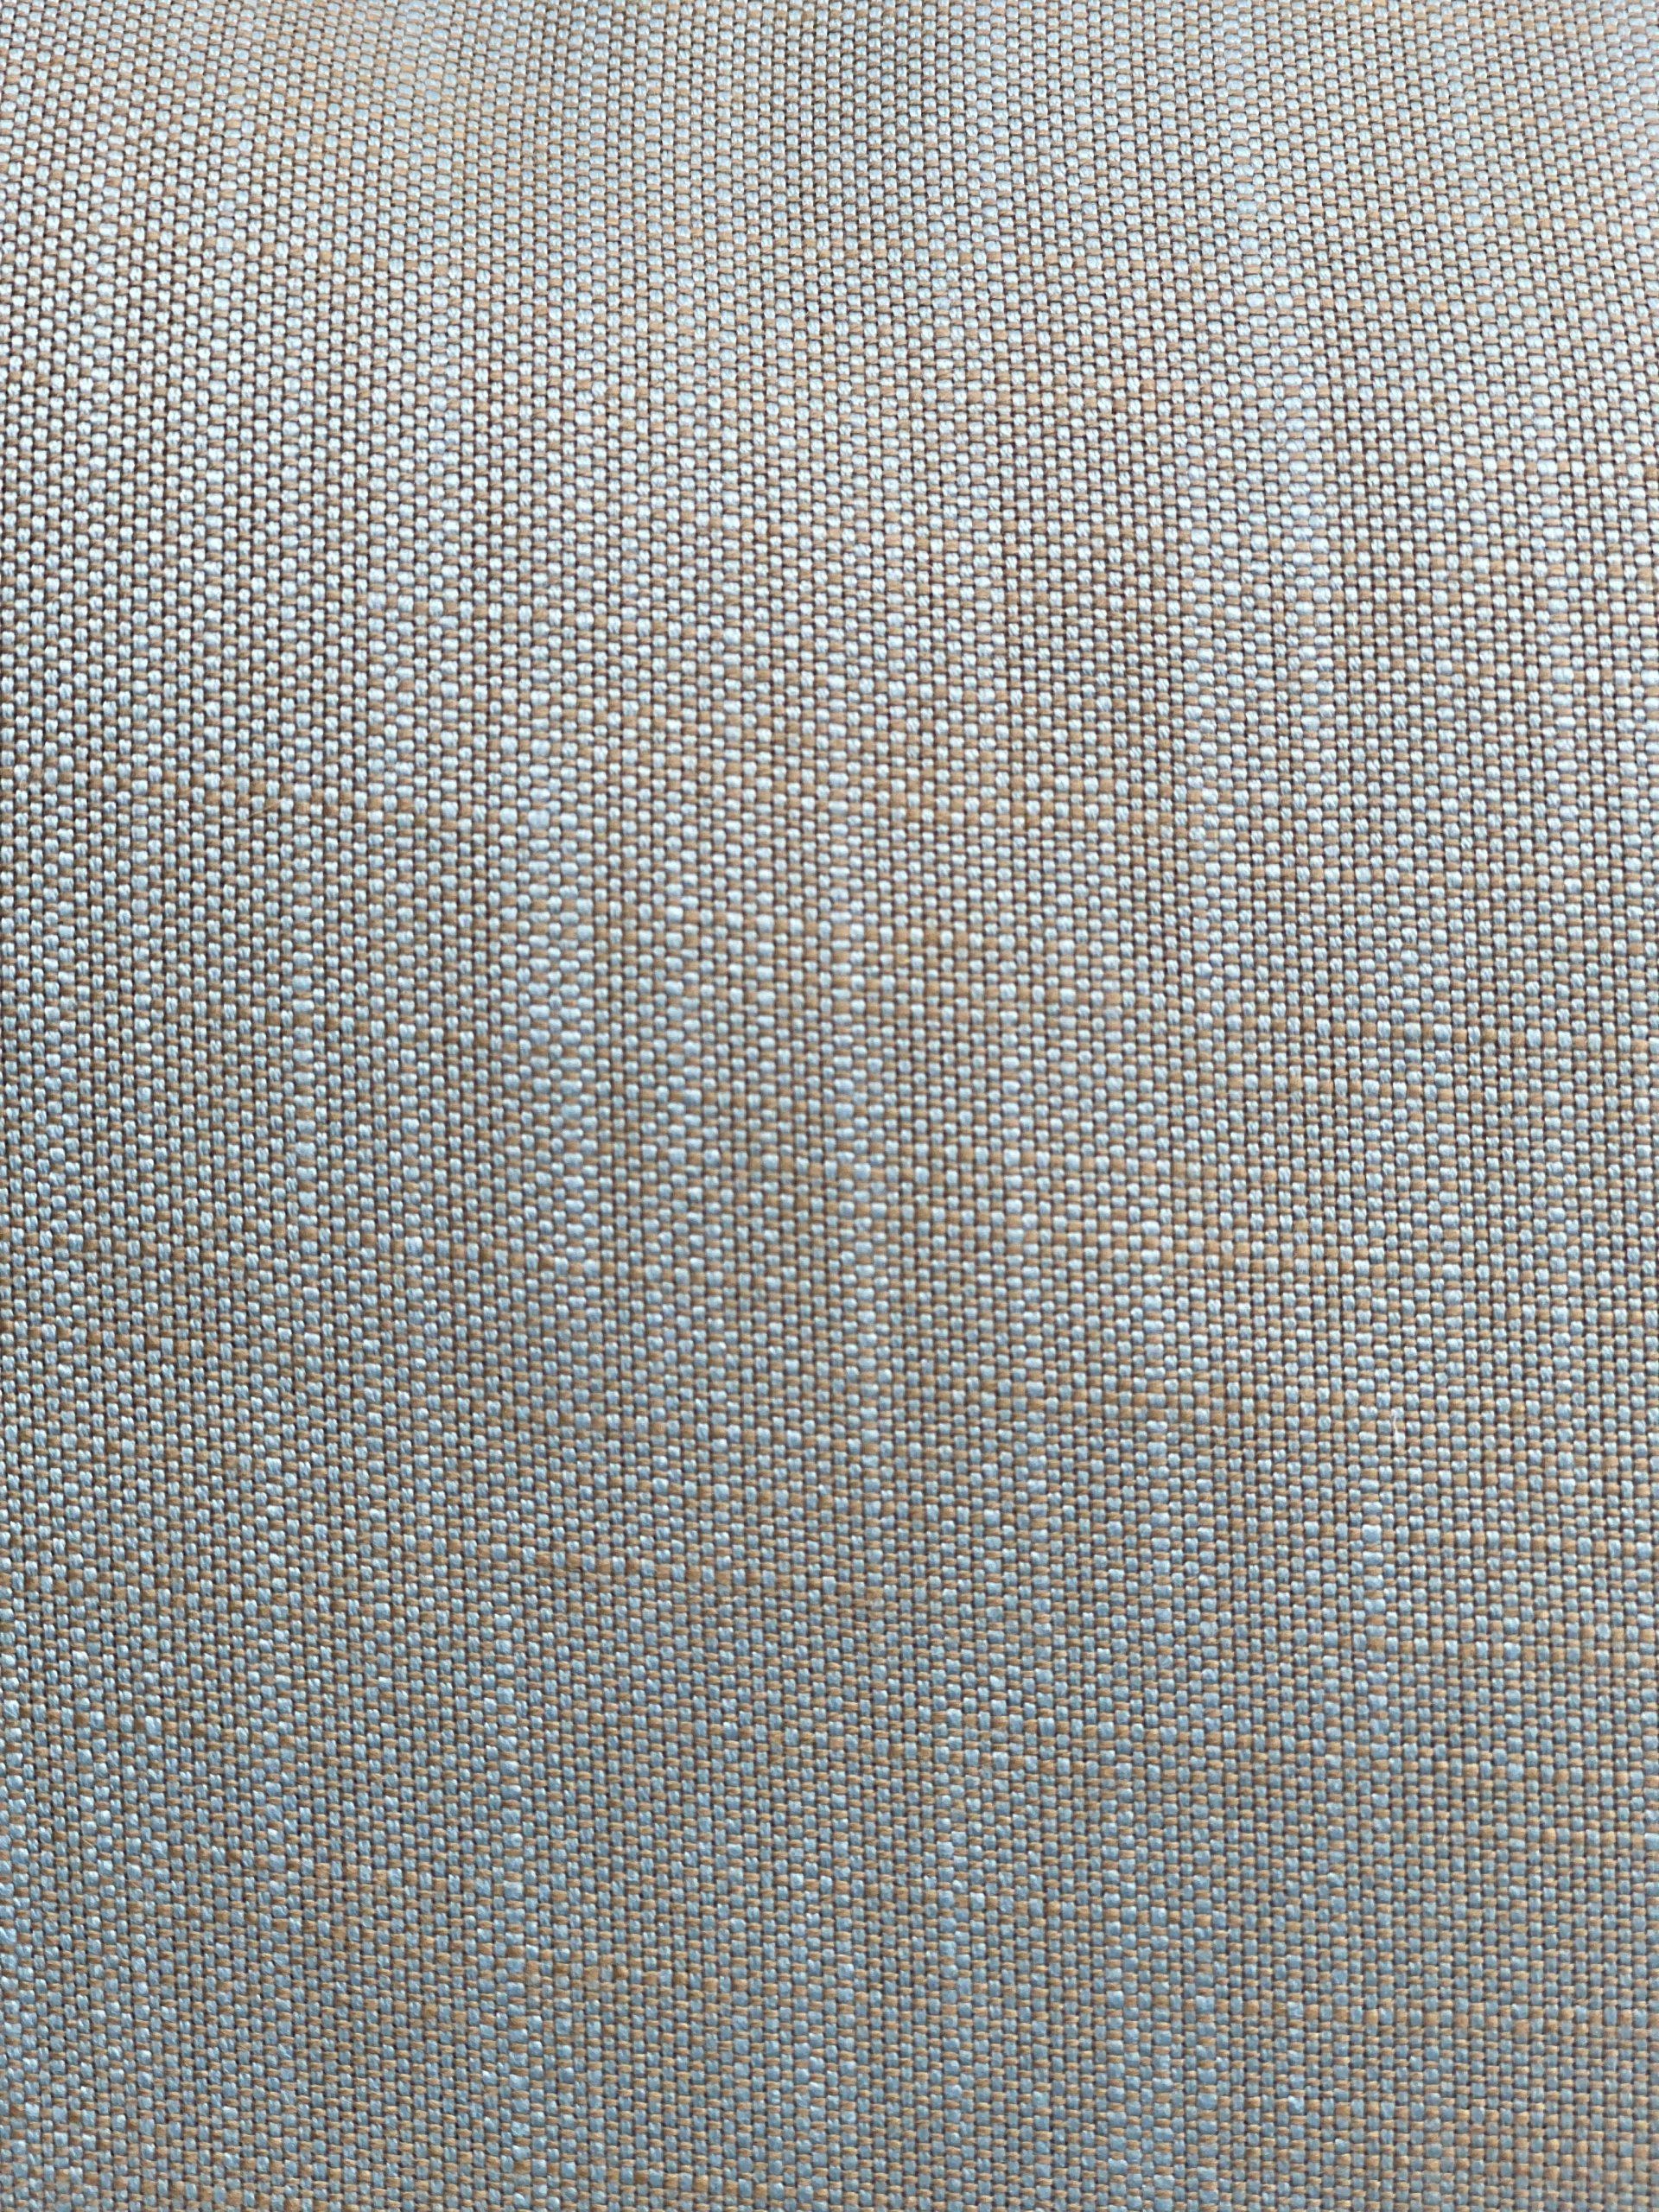 Textured Linen Pillows